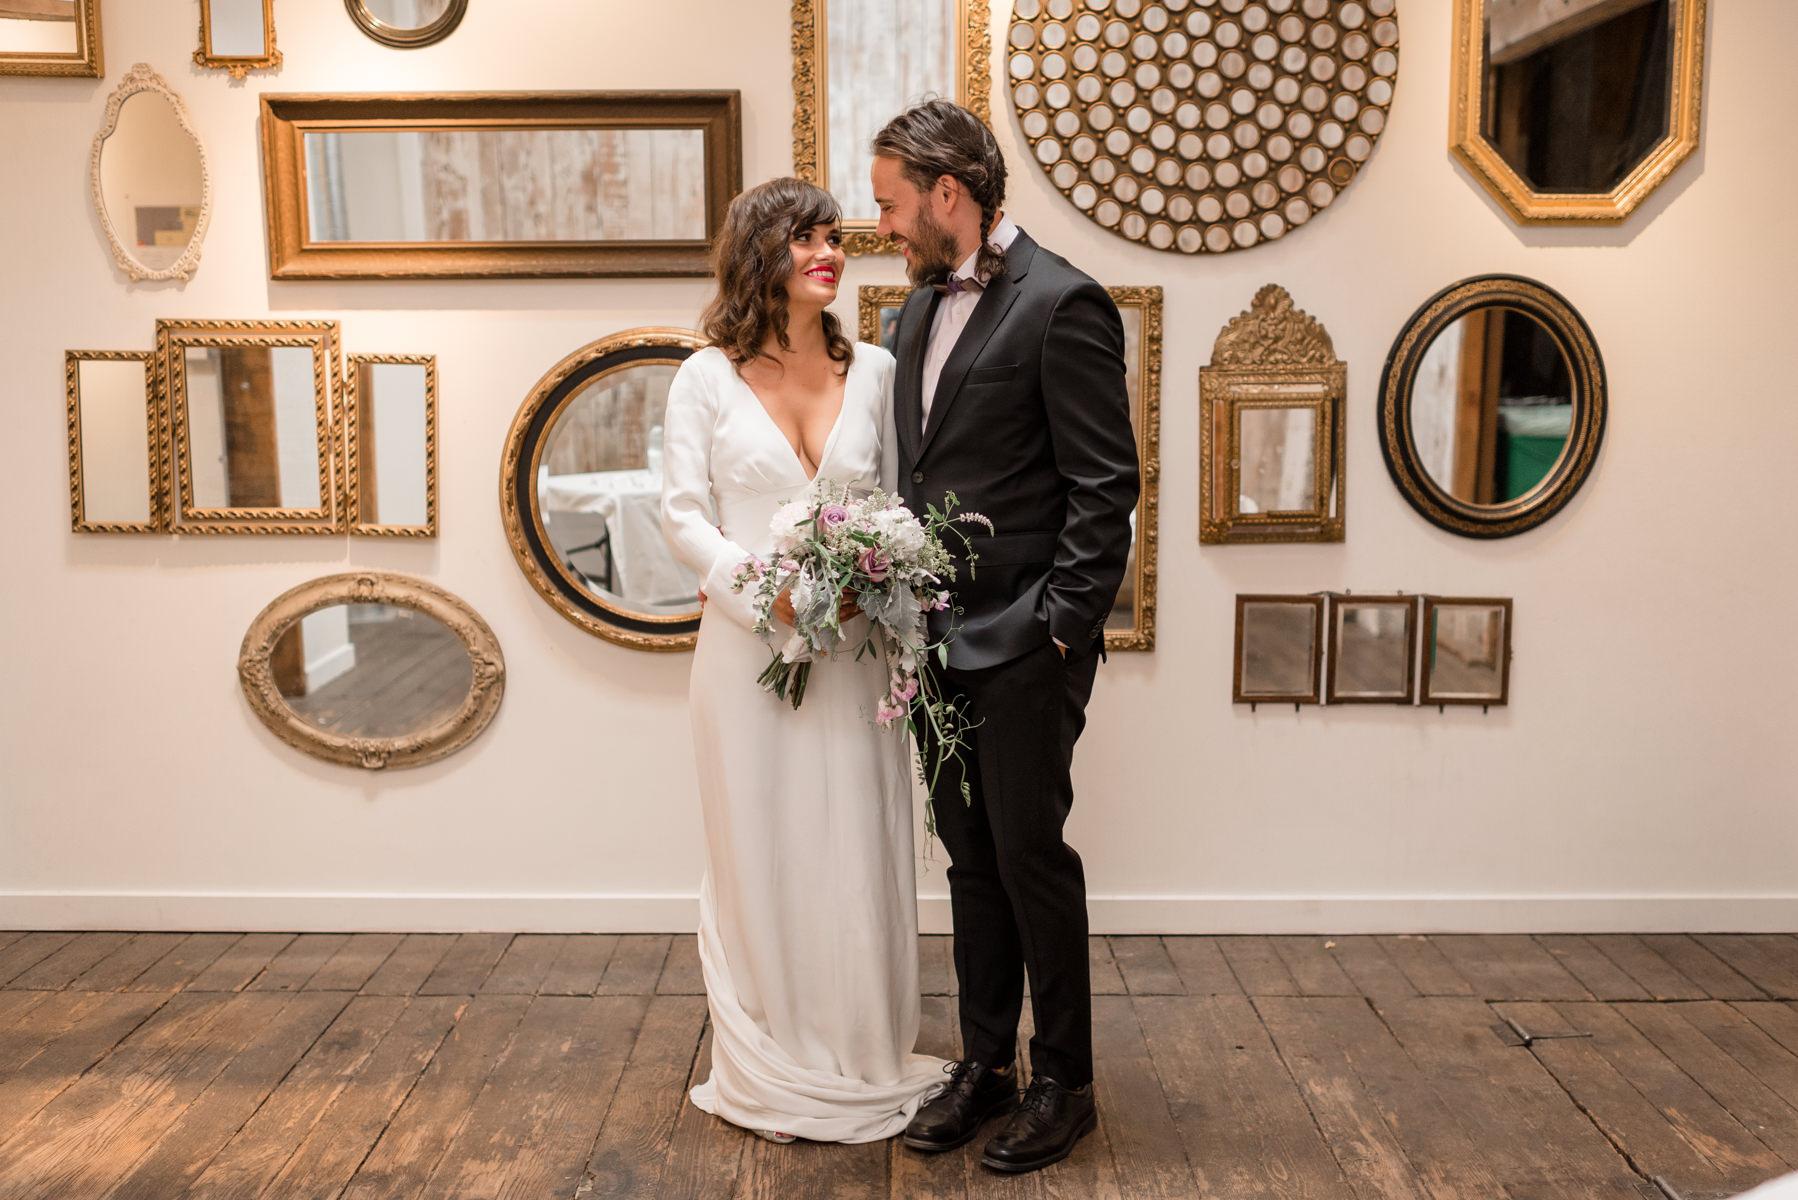 Andrew Tat - Documentary Wedding Photography - WithinSodo - Seattle, Washington -Hilary & Zach - 02.jpg